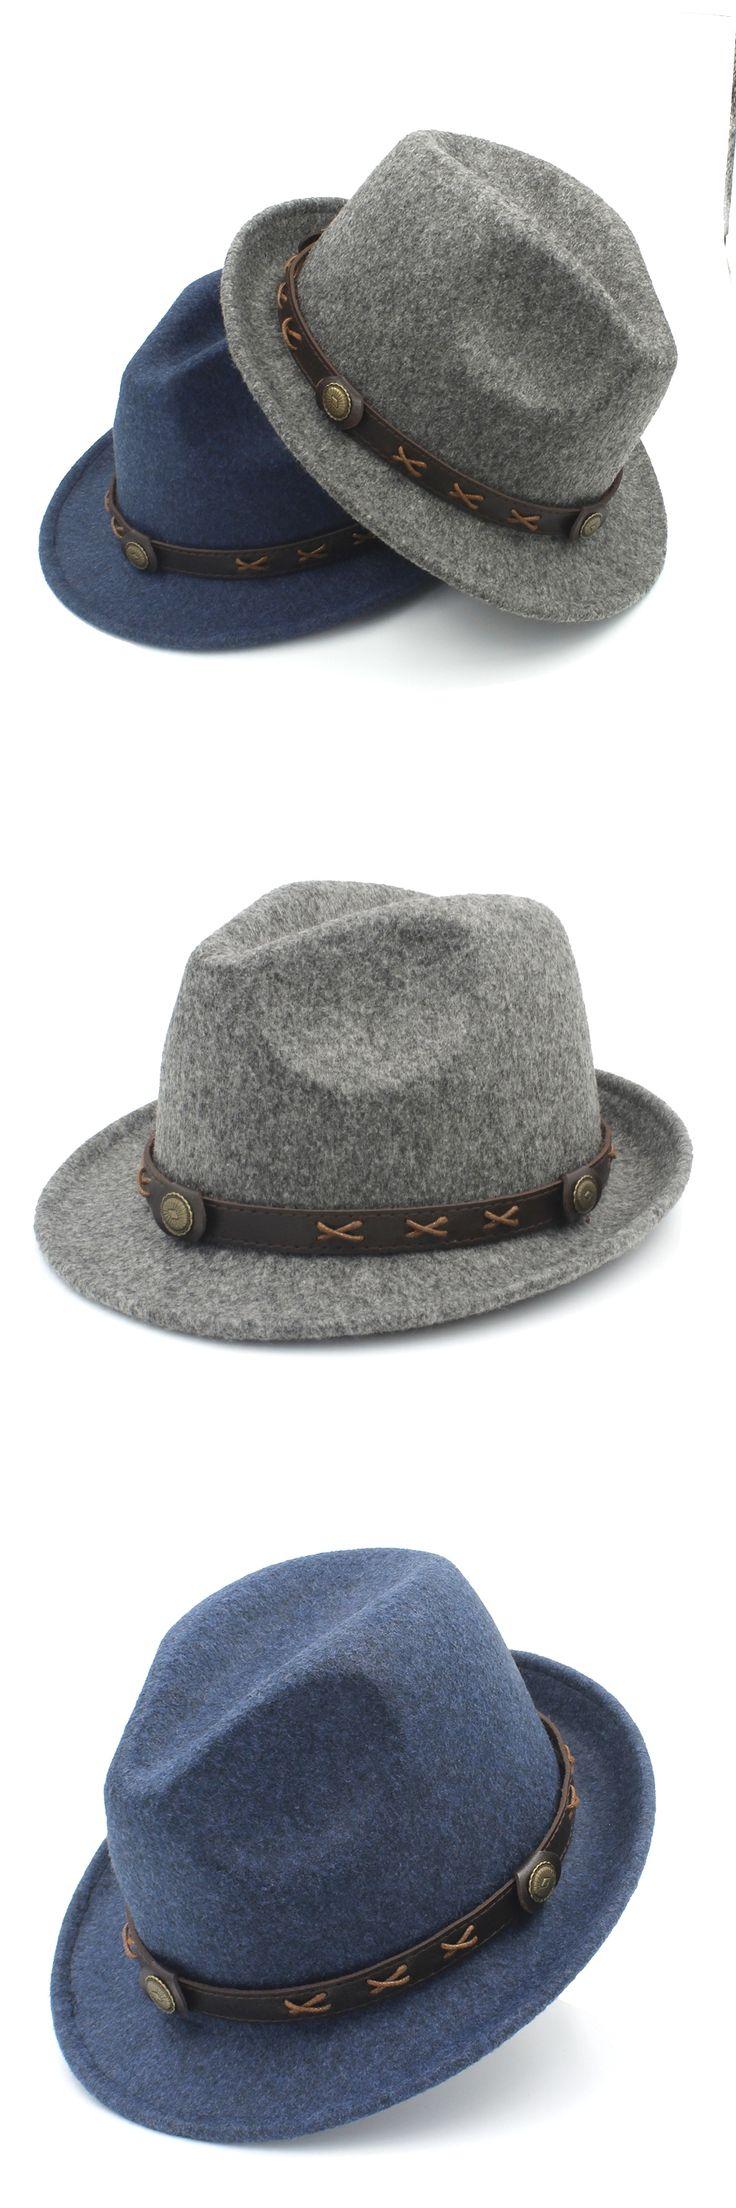 100% Wool Women Men Winter Fedora Hat For Elegant Lady Dad Steampunk Homburg Church Hat Derby Cloche Jazz Caps With Fashion Belt